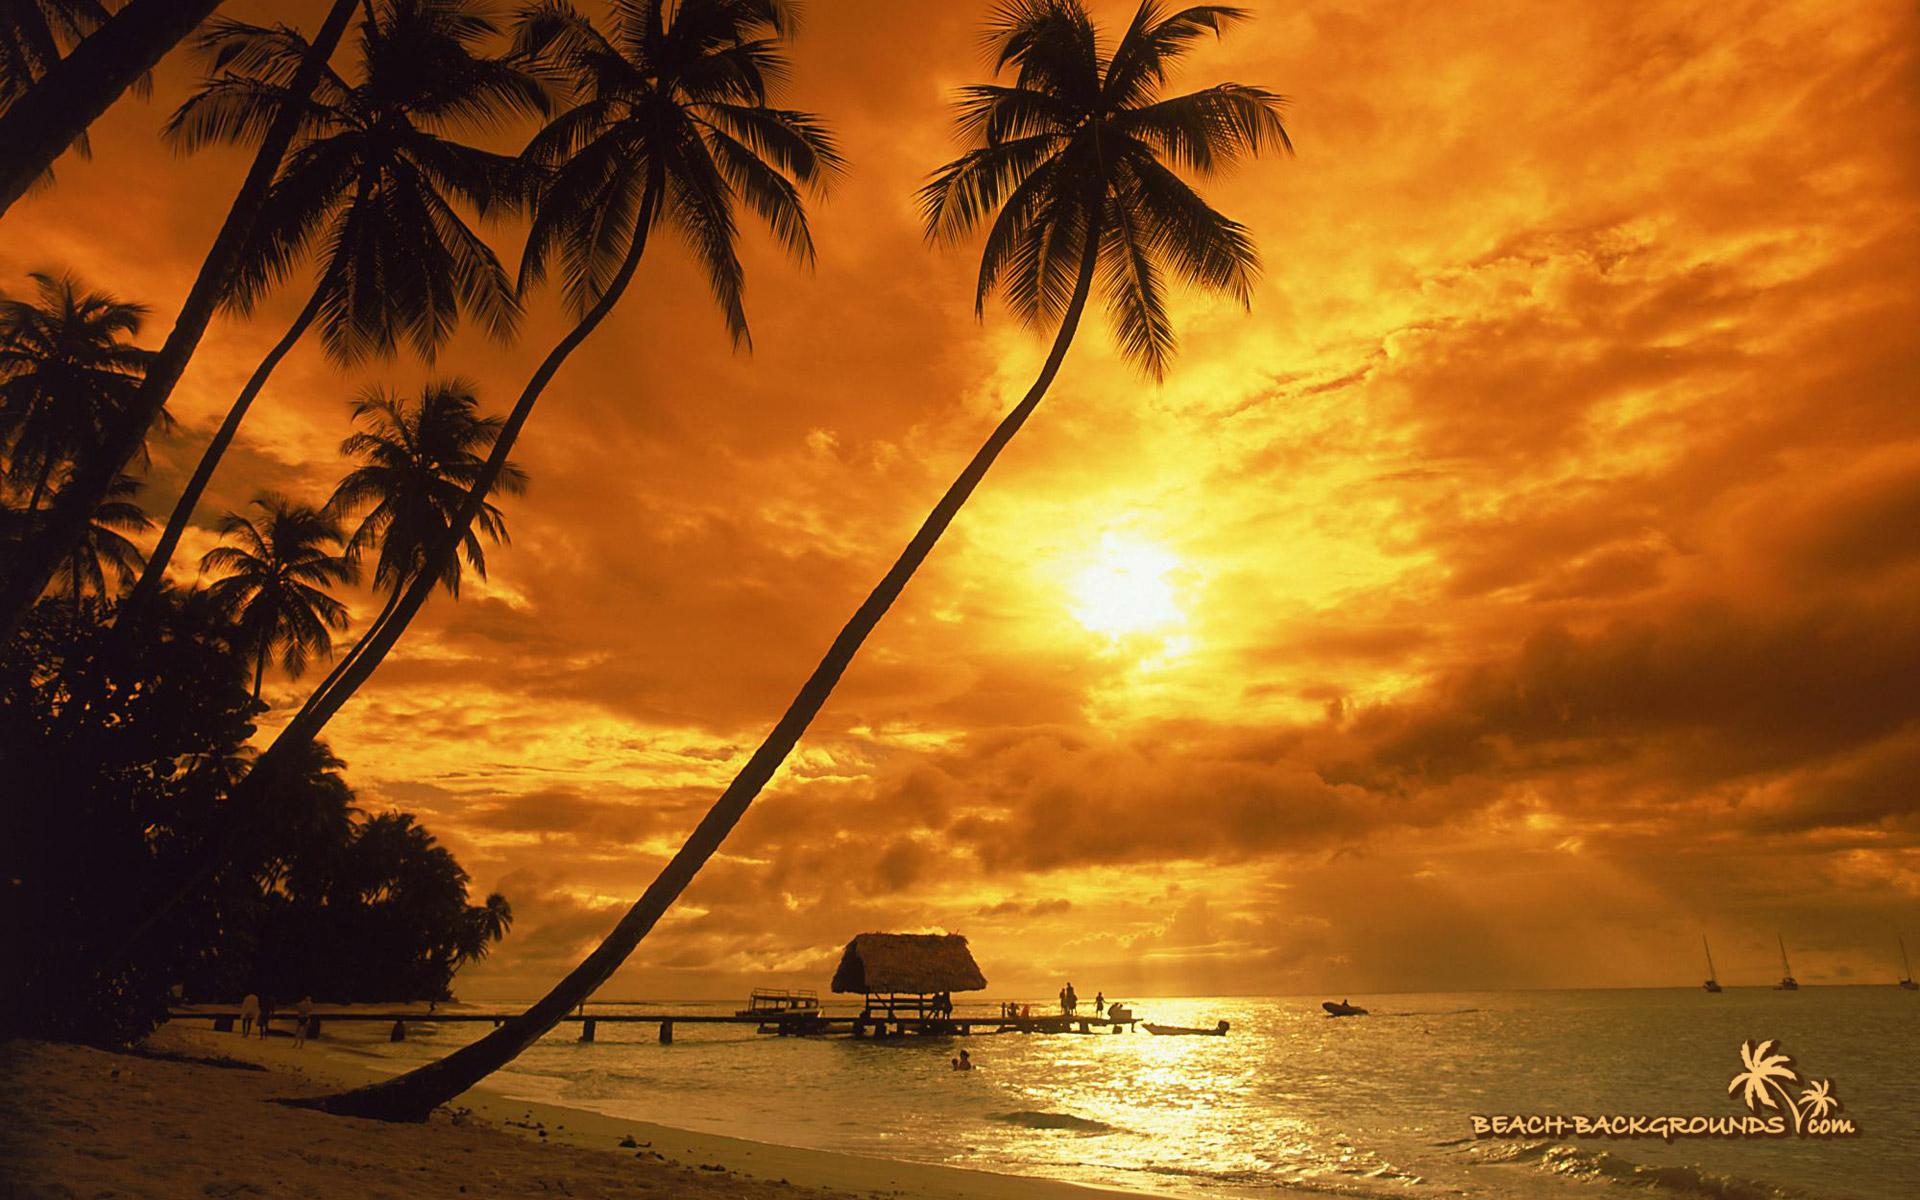 Sunset Wallpaper Widescreen 1920x1200 ImageBankbiz 1920x1200